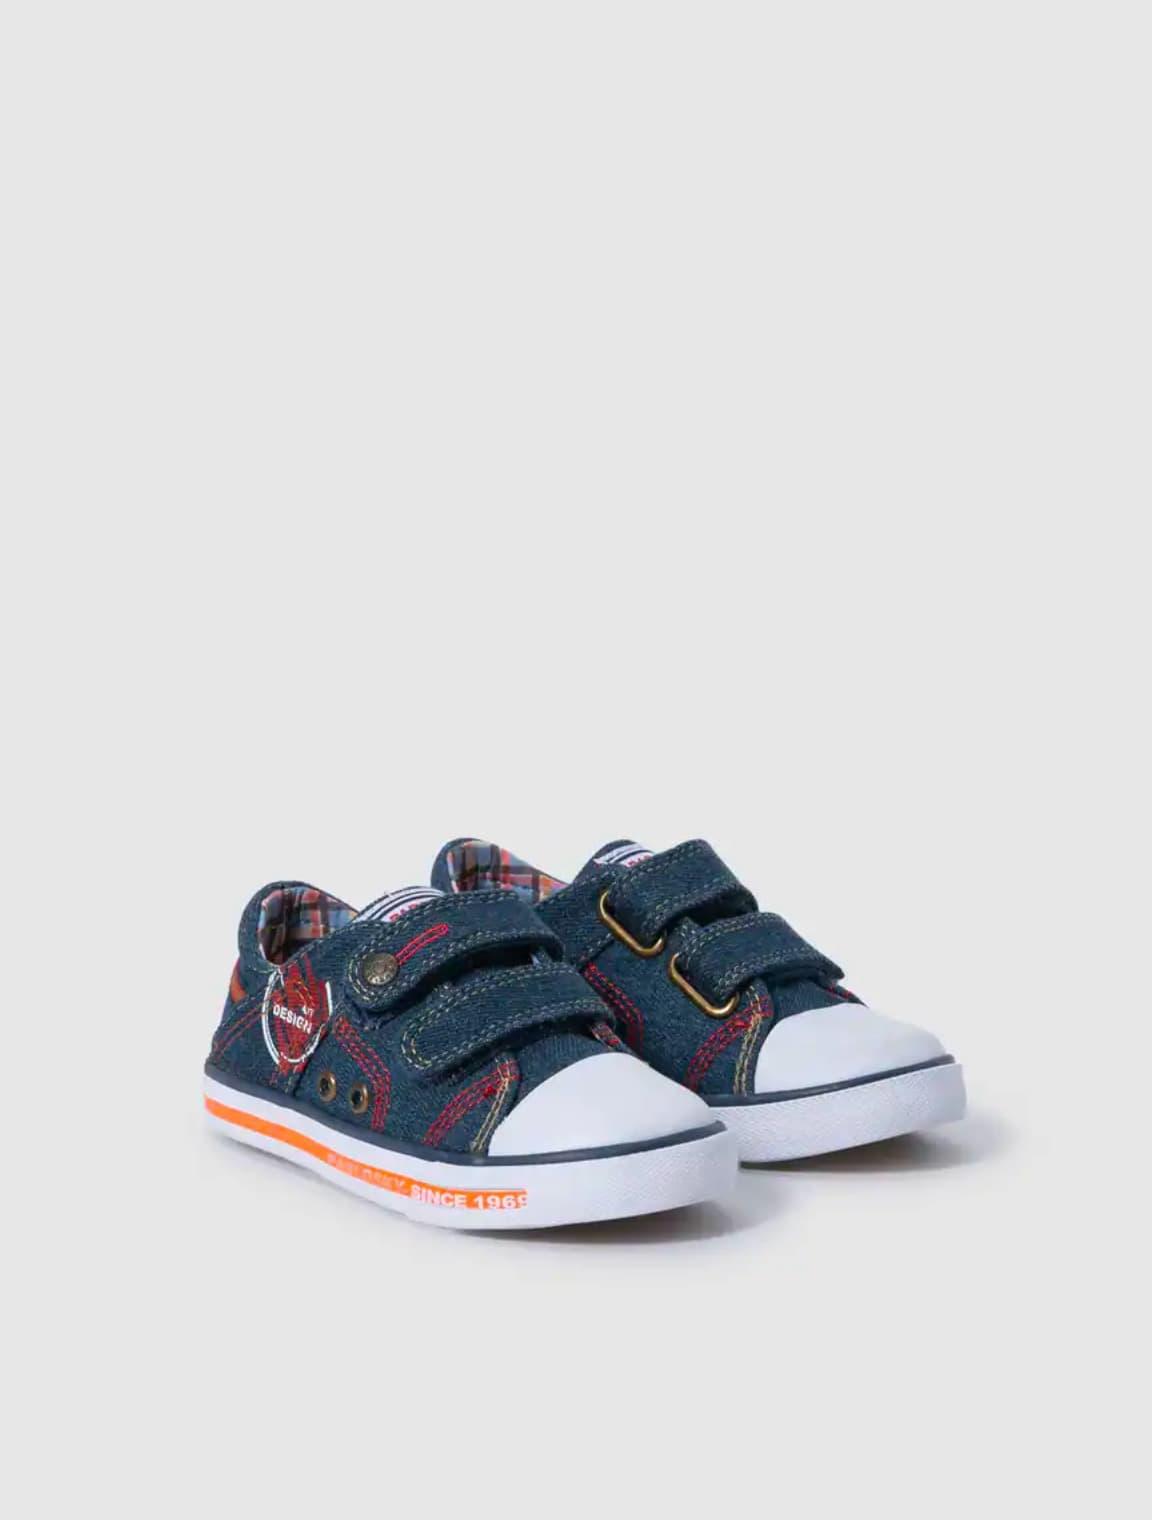 Zapatillas de lona de niño Pablosky en azul con doble cierre adhrente